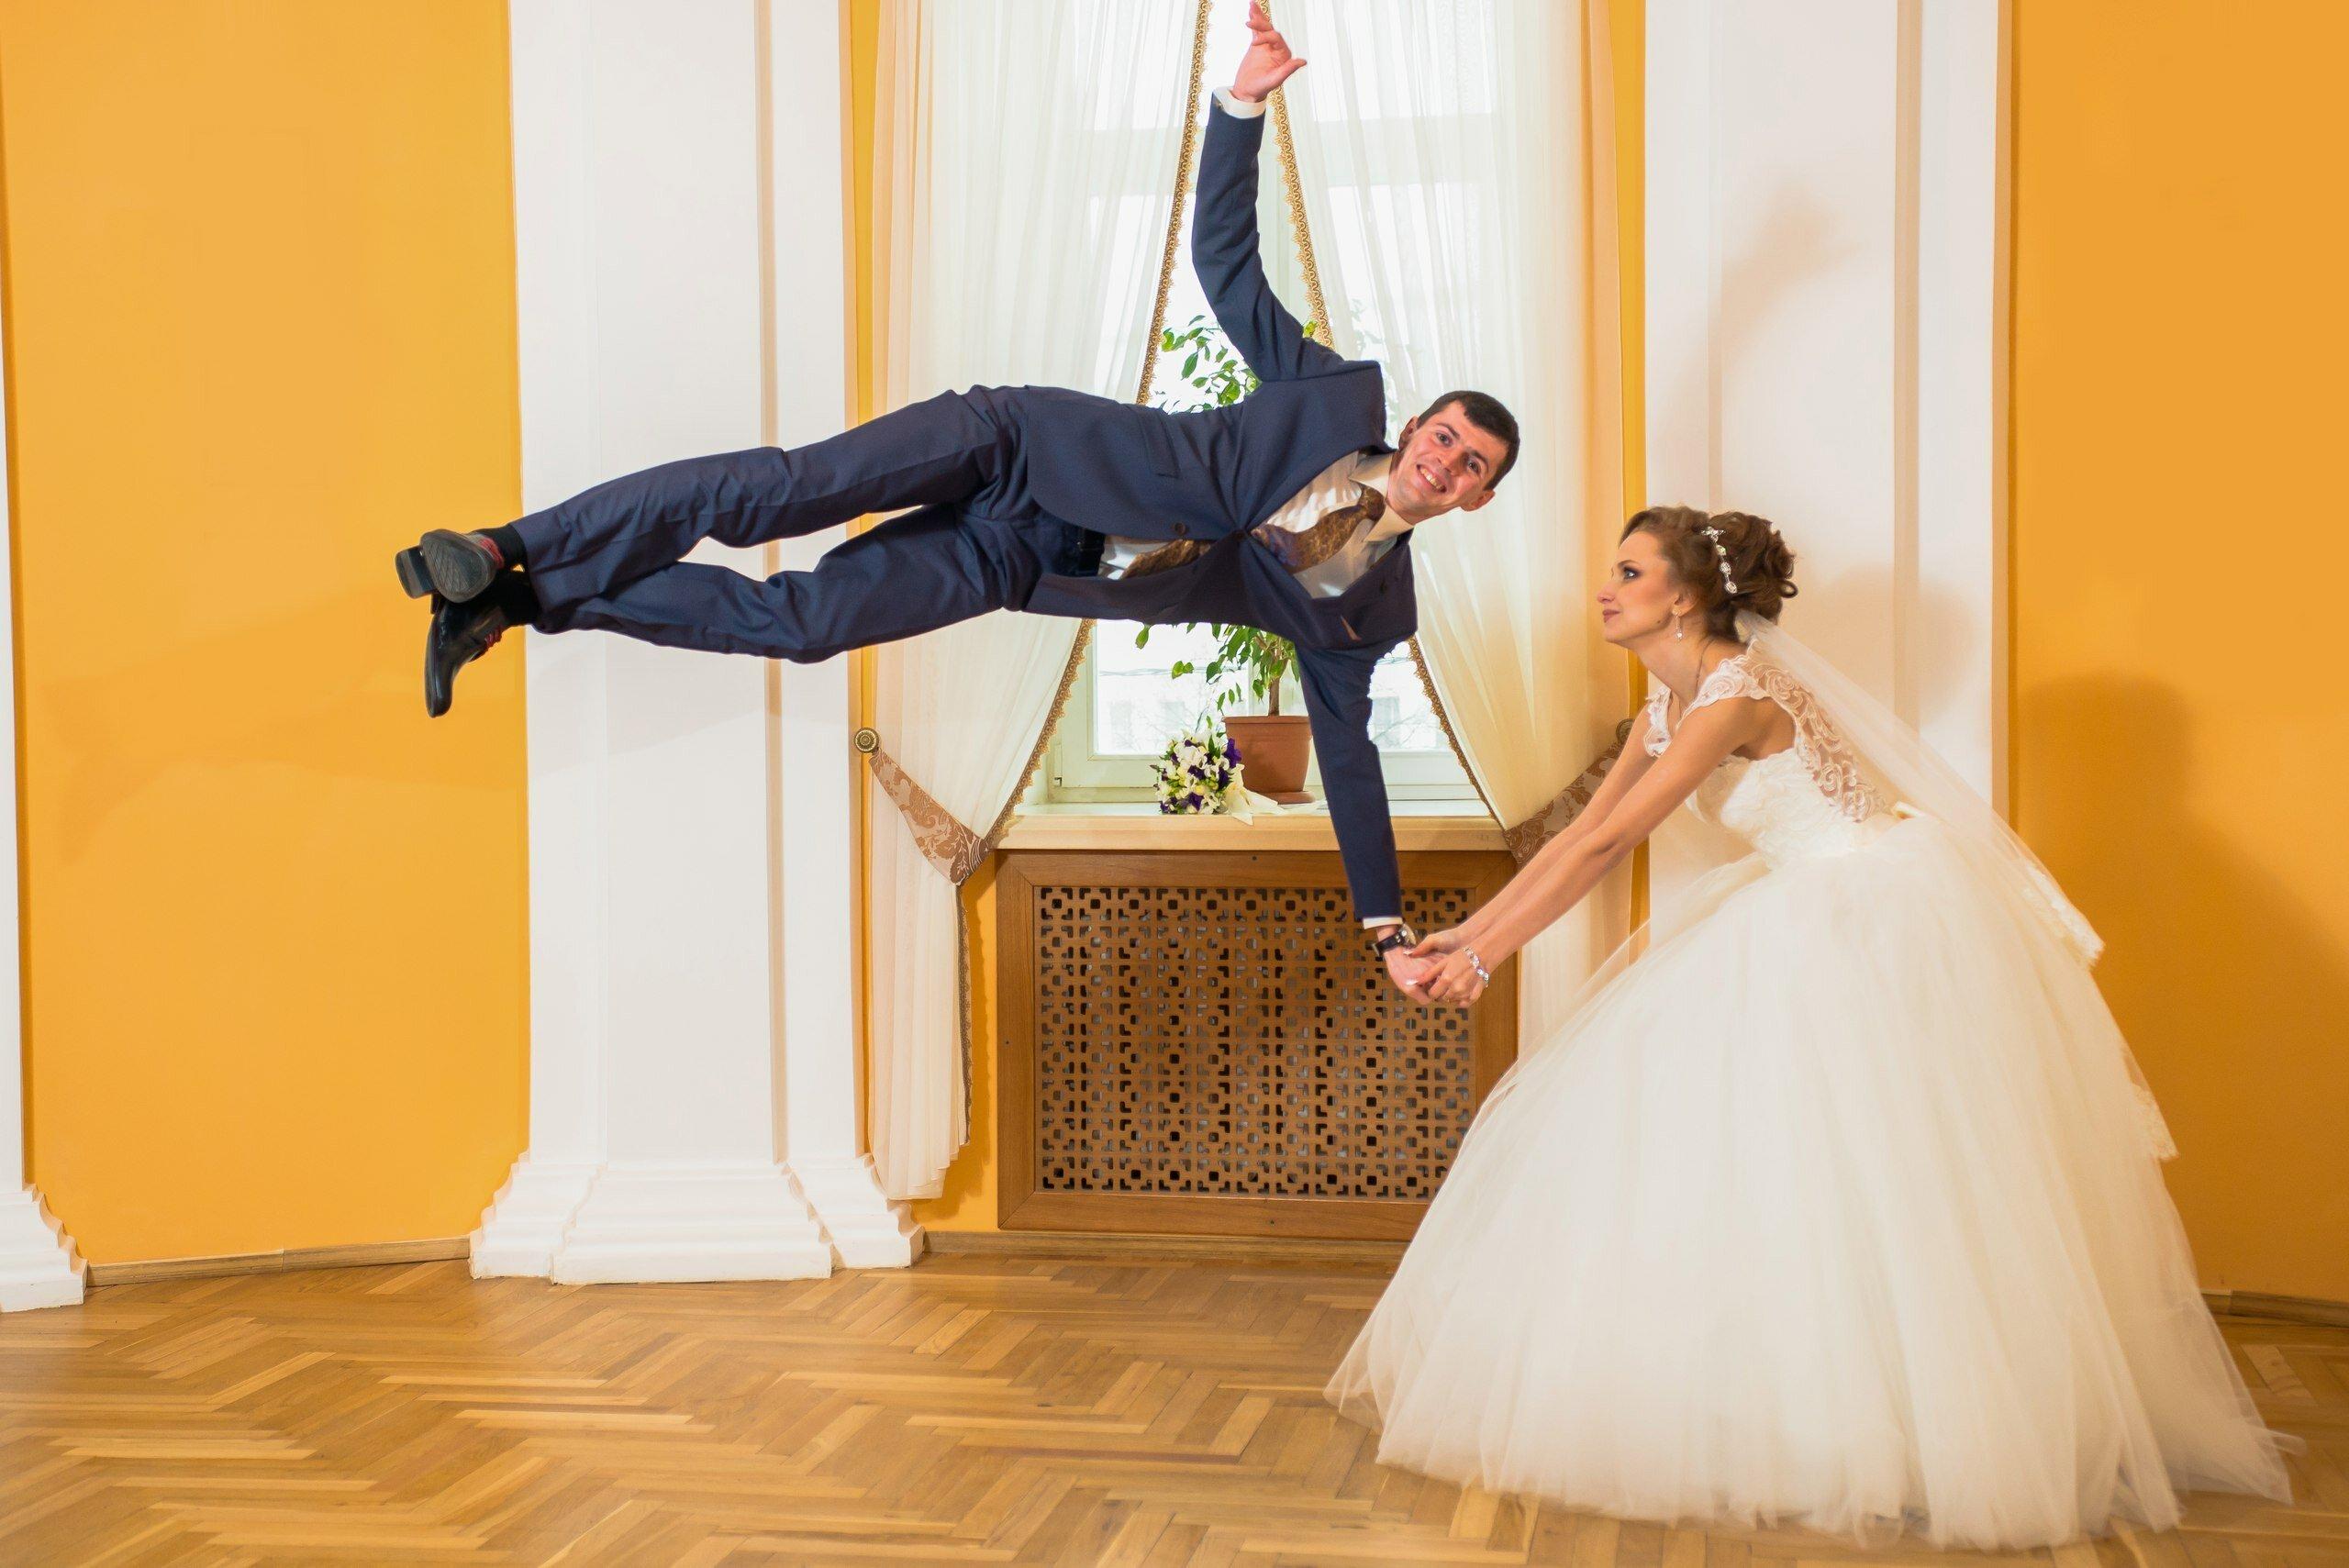 прикольное фото свадьбы новые